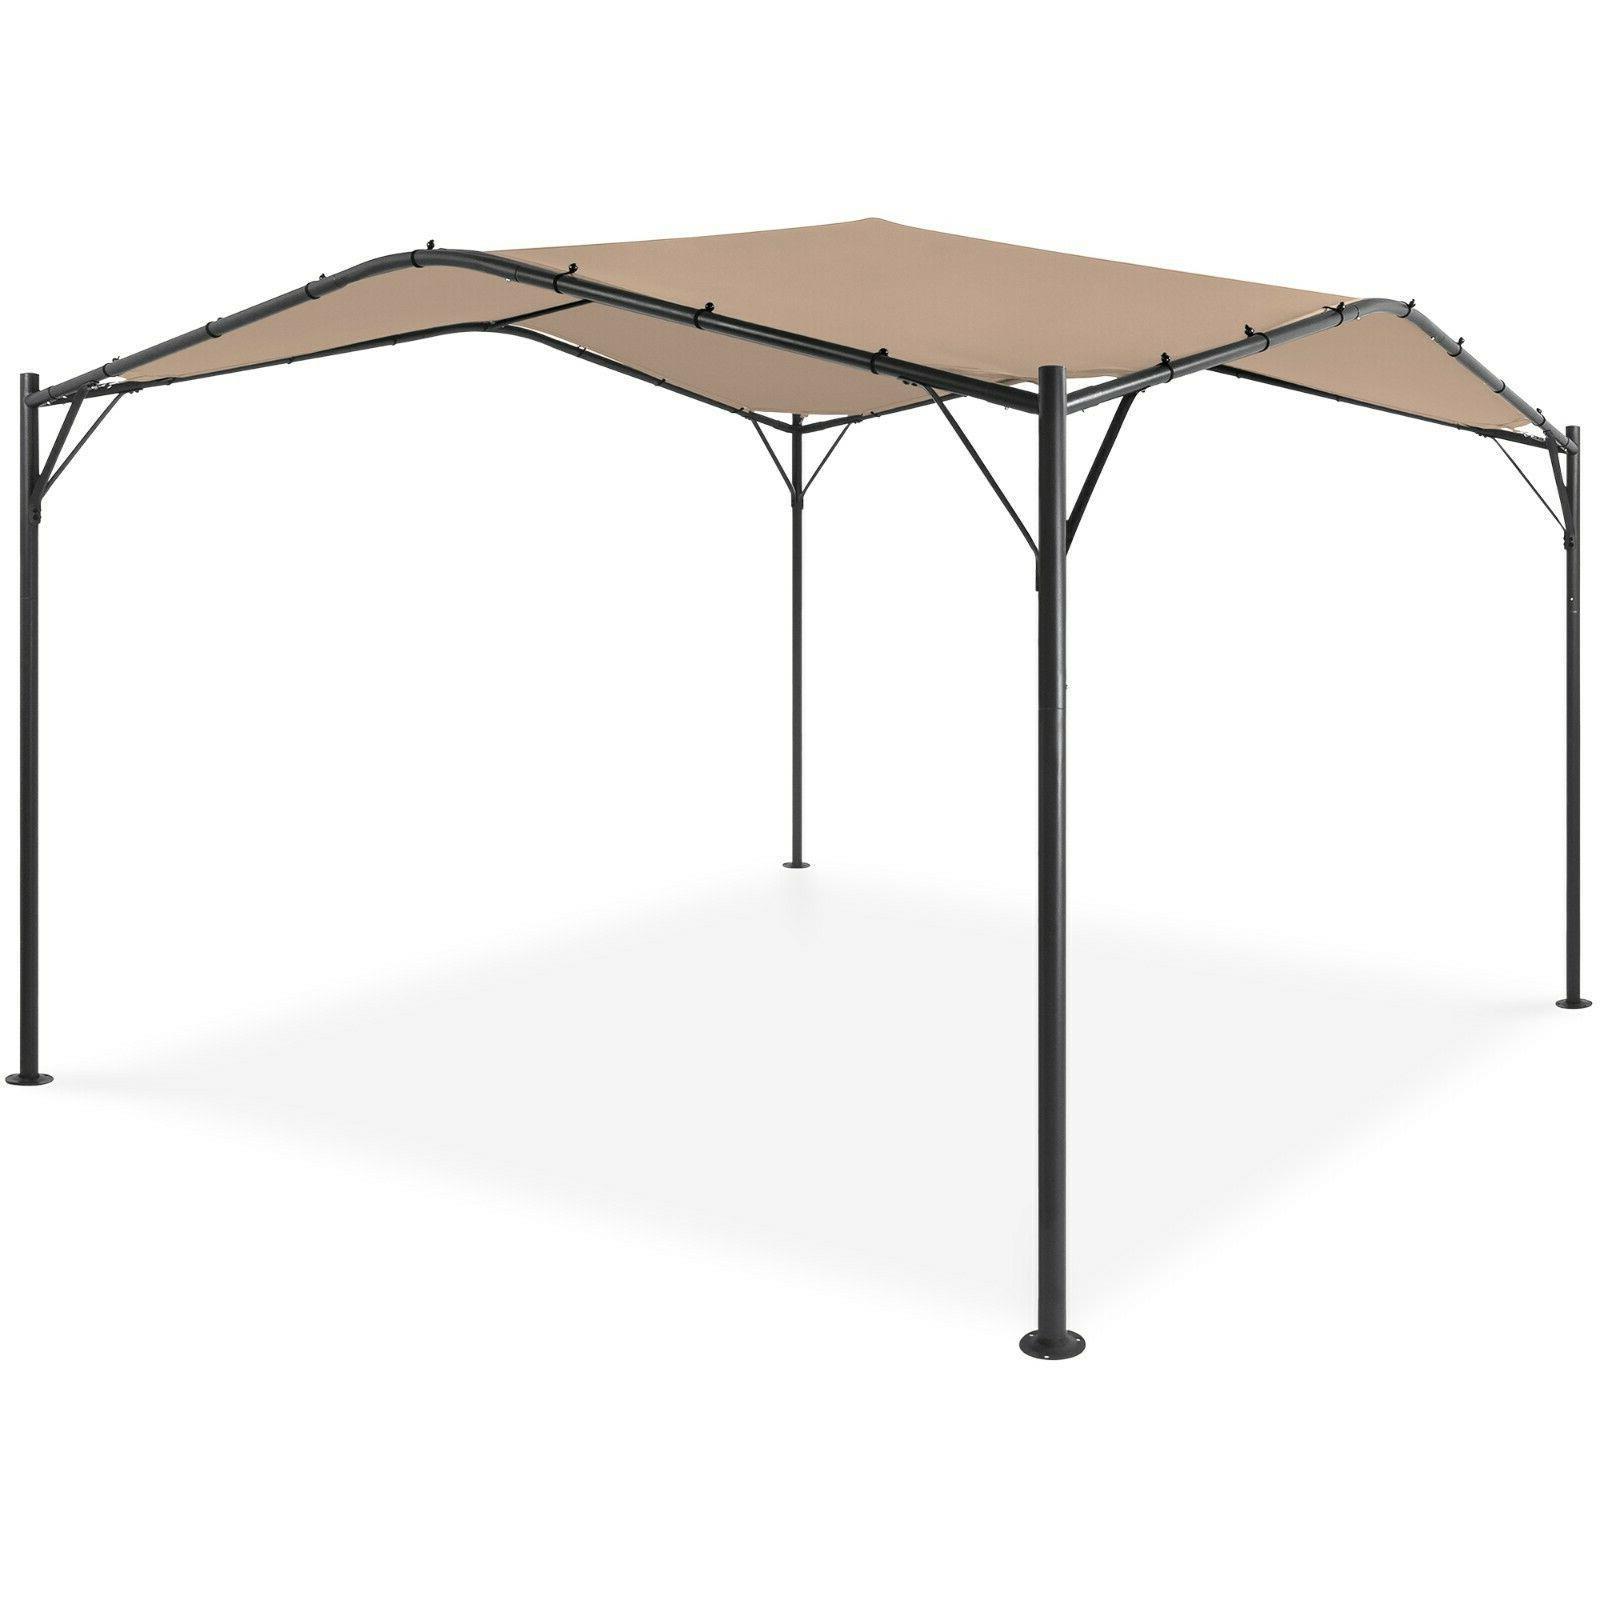 12x12ft gazebo canopy for patio backyard w